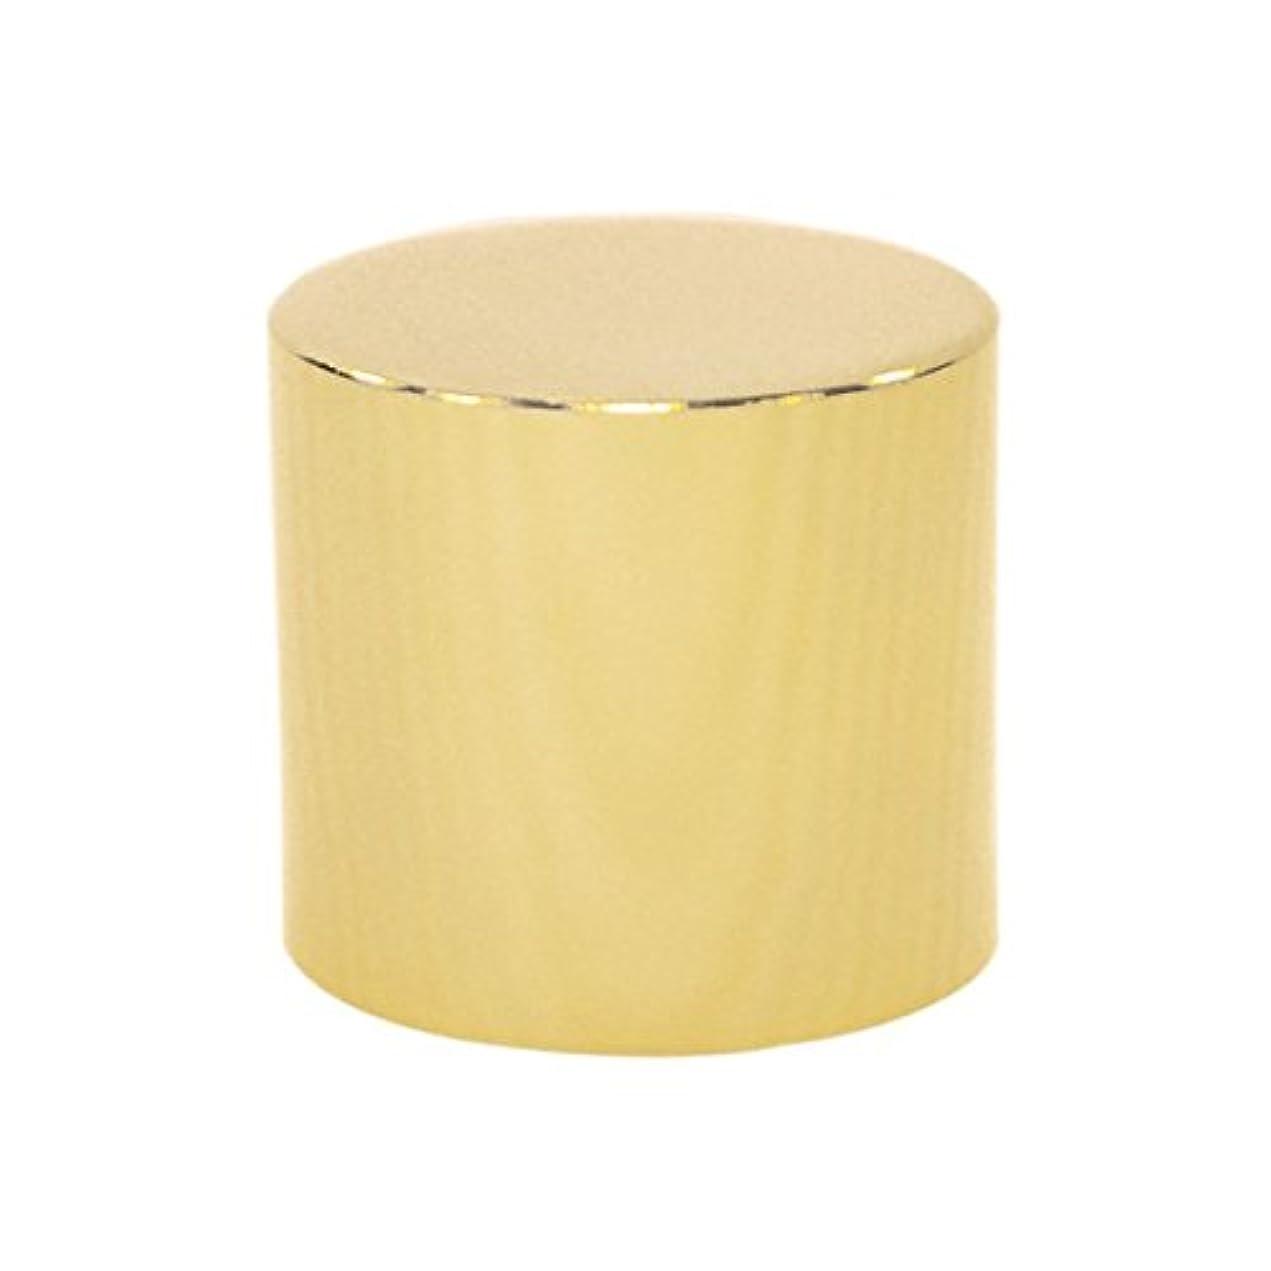 持つ大工考慮ランプベルジェ(LAMPE BERGER)消火キャップ【正規輸入品】密閉蓋ゴールド